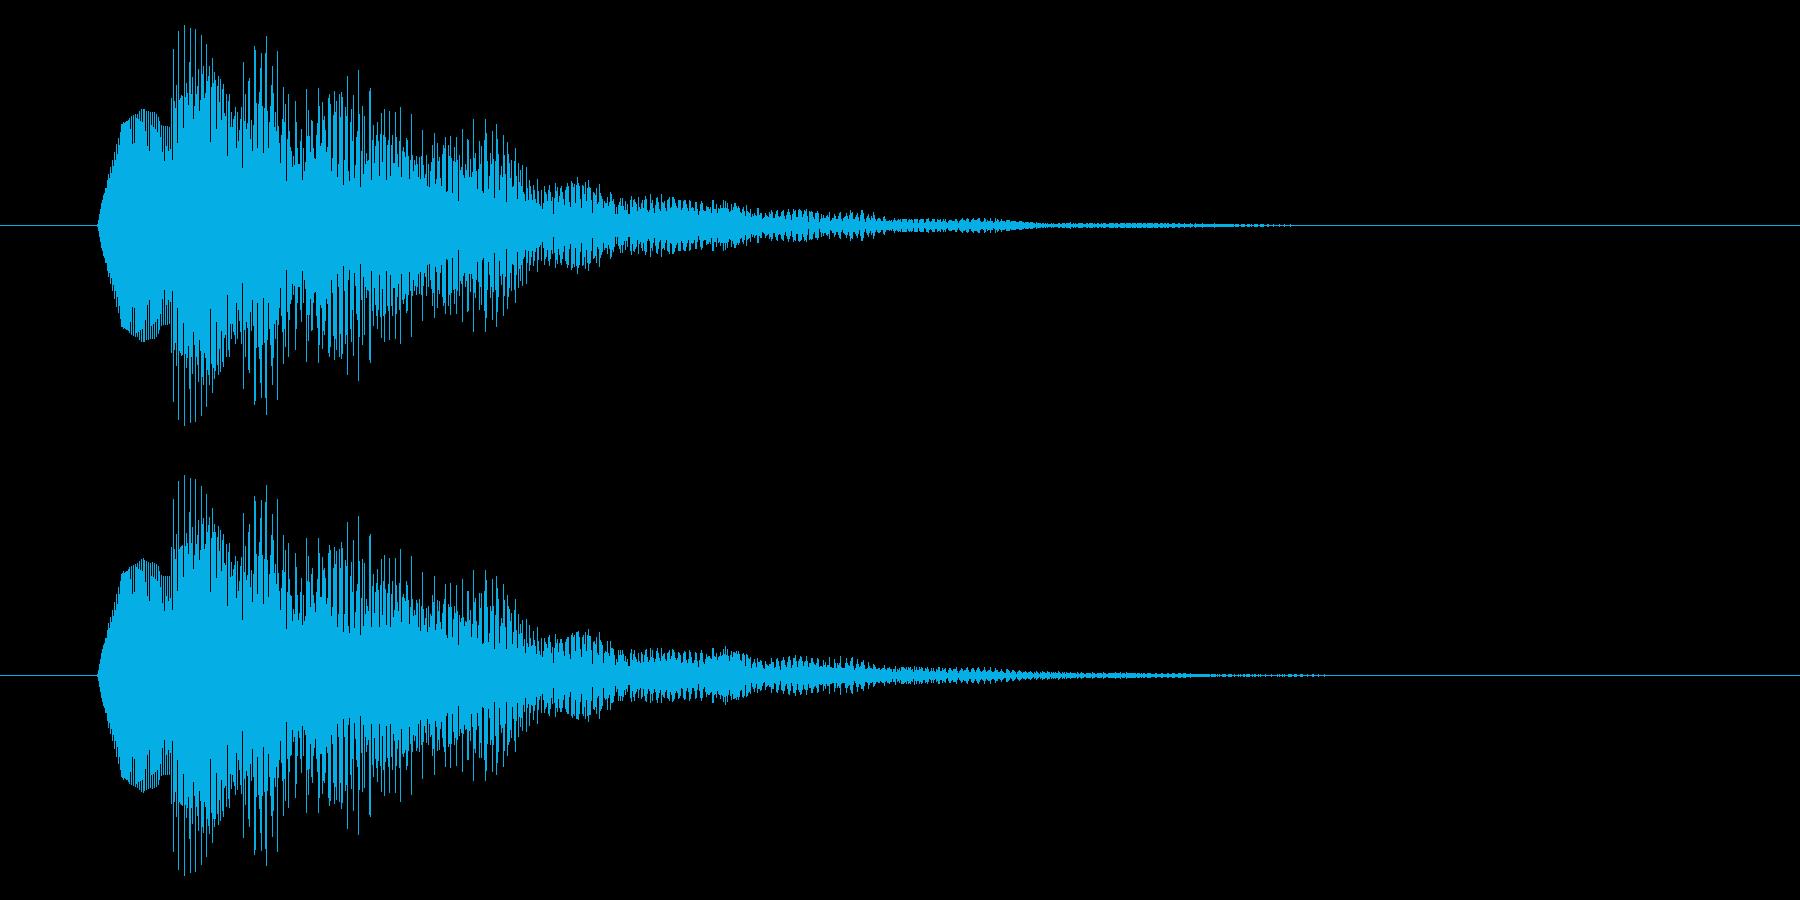 決定音/SF系/電子音の再生済みの波形